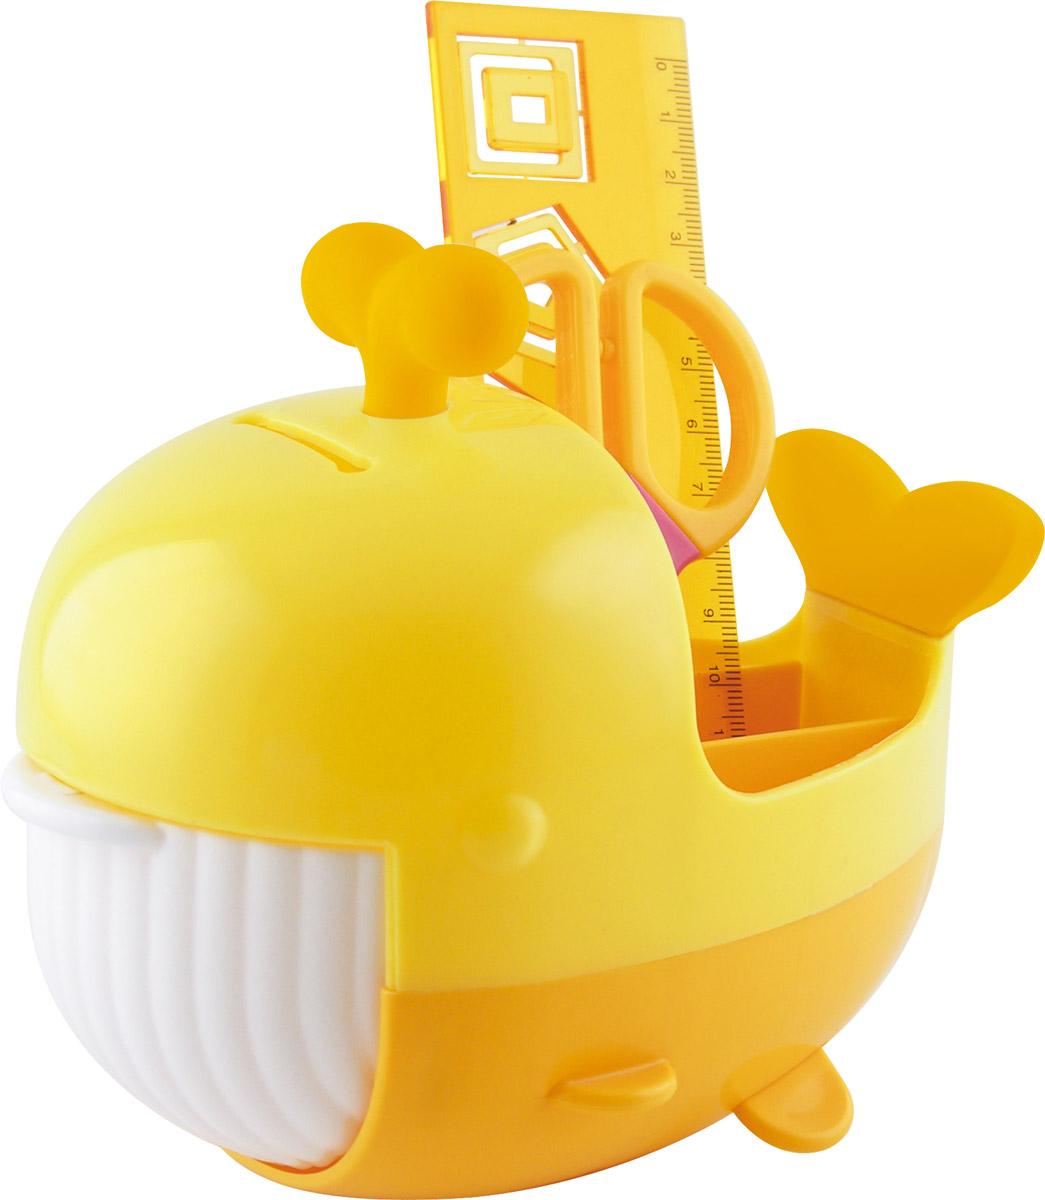 Brauberg Канцелярский набор Кит цвет желтый оранжевый 4 предметаFS-00103Канцелярский набор Brauberg Кит выполнен из высококачественного яркого пластика и позволяет практично, удобно и оригинально организовать место для учебы и развлечений ребенка.Подставка для канцелярских принадлежностей выполнена в виде кита с открывающейся пастью, внутри которой располагается дополнительное отделение для хранения. Хвост кита и фонтанчик на его голове являются съемными ластиками. В набор также входят сантиметровая линейка с вырубками-трафаретами в виде геометрических фигур, безопасные ножницы, ластик, канцелярские скрепки. Необычный канцелярский набор понравится любому школьнику и сделает учебу более интересной.